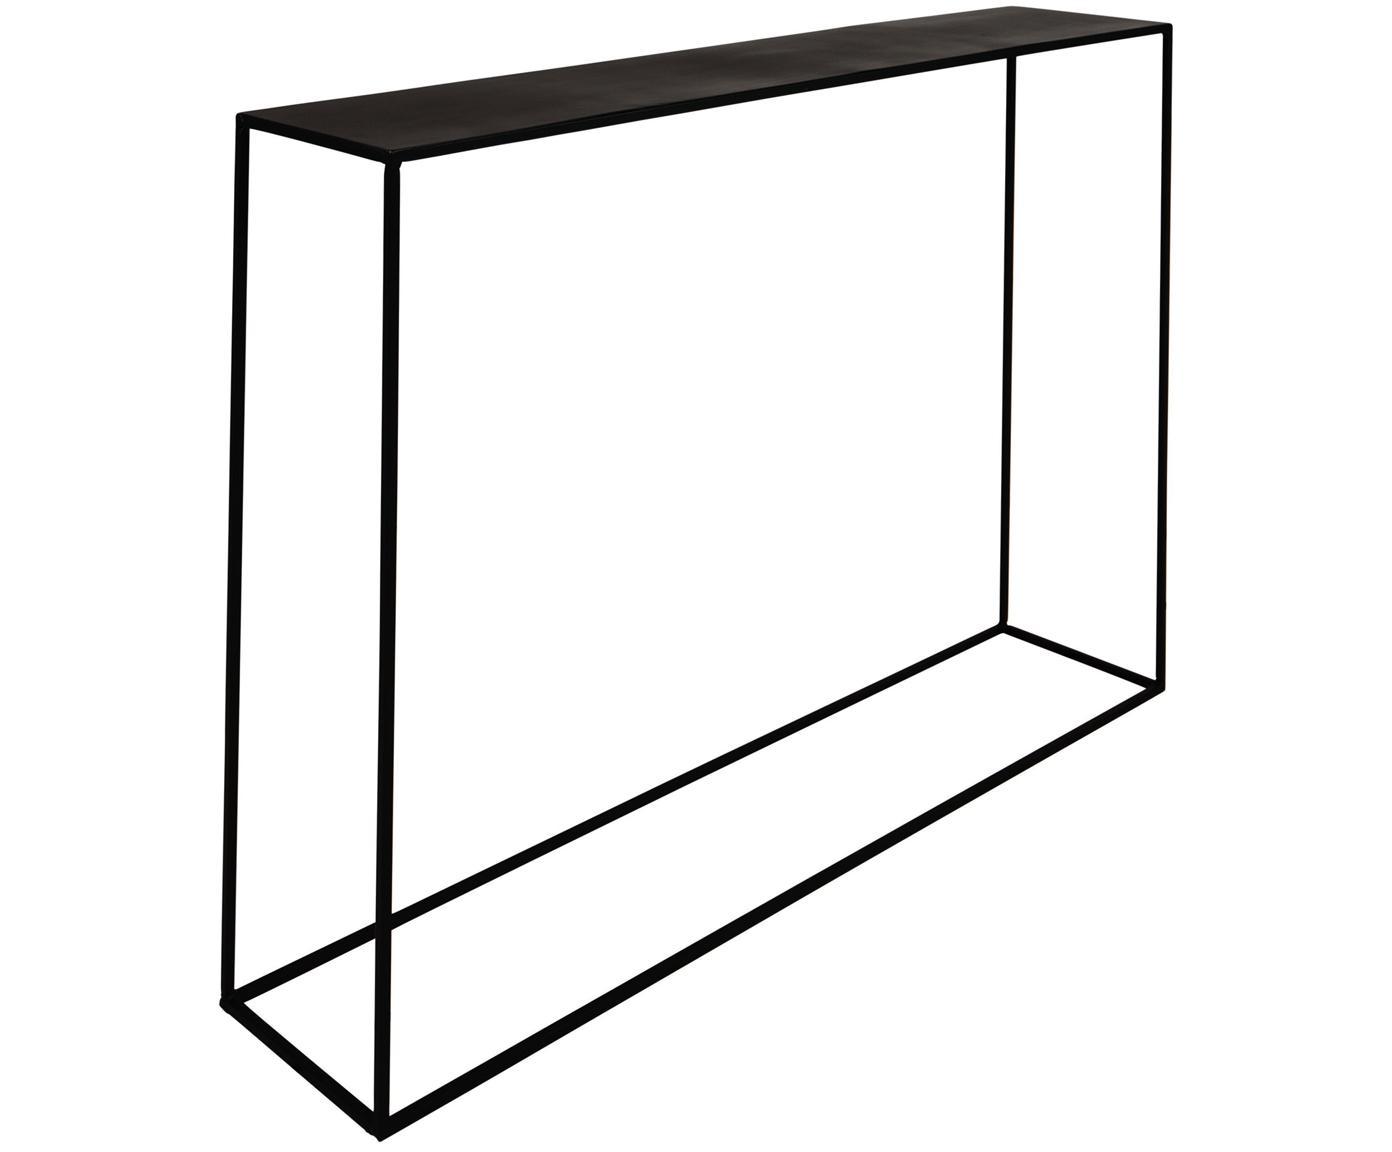 Metall-Konsole Expo in Schwarz, Metall, pulverbeschichtet, Schwarz, B 110 x T 25 cm